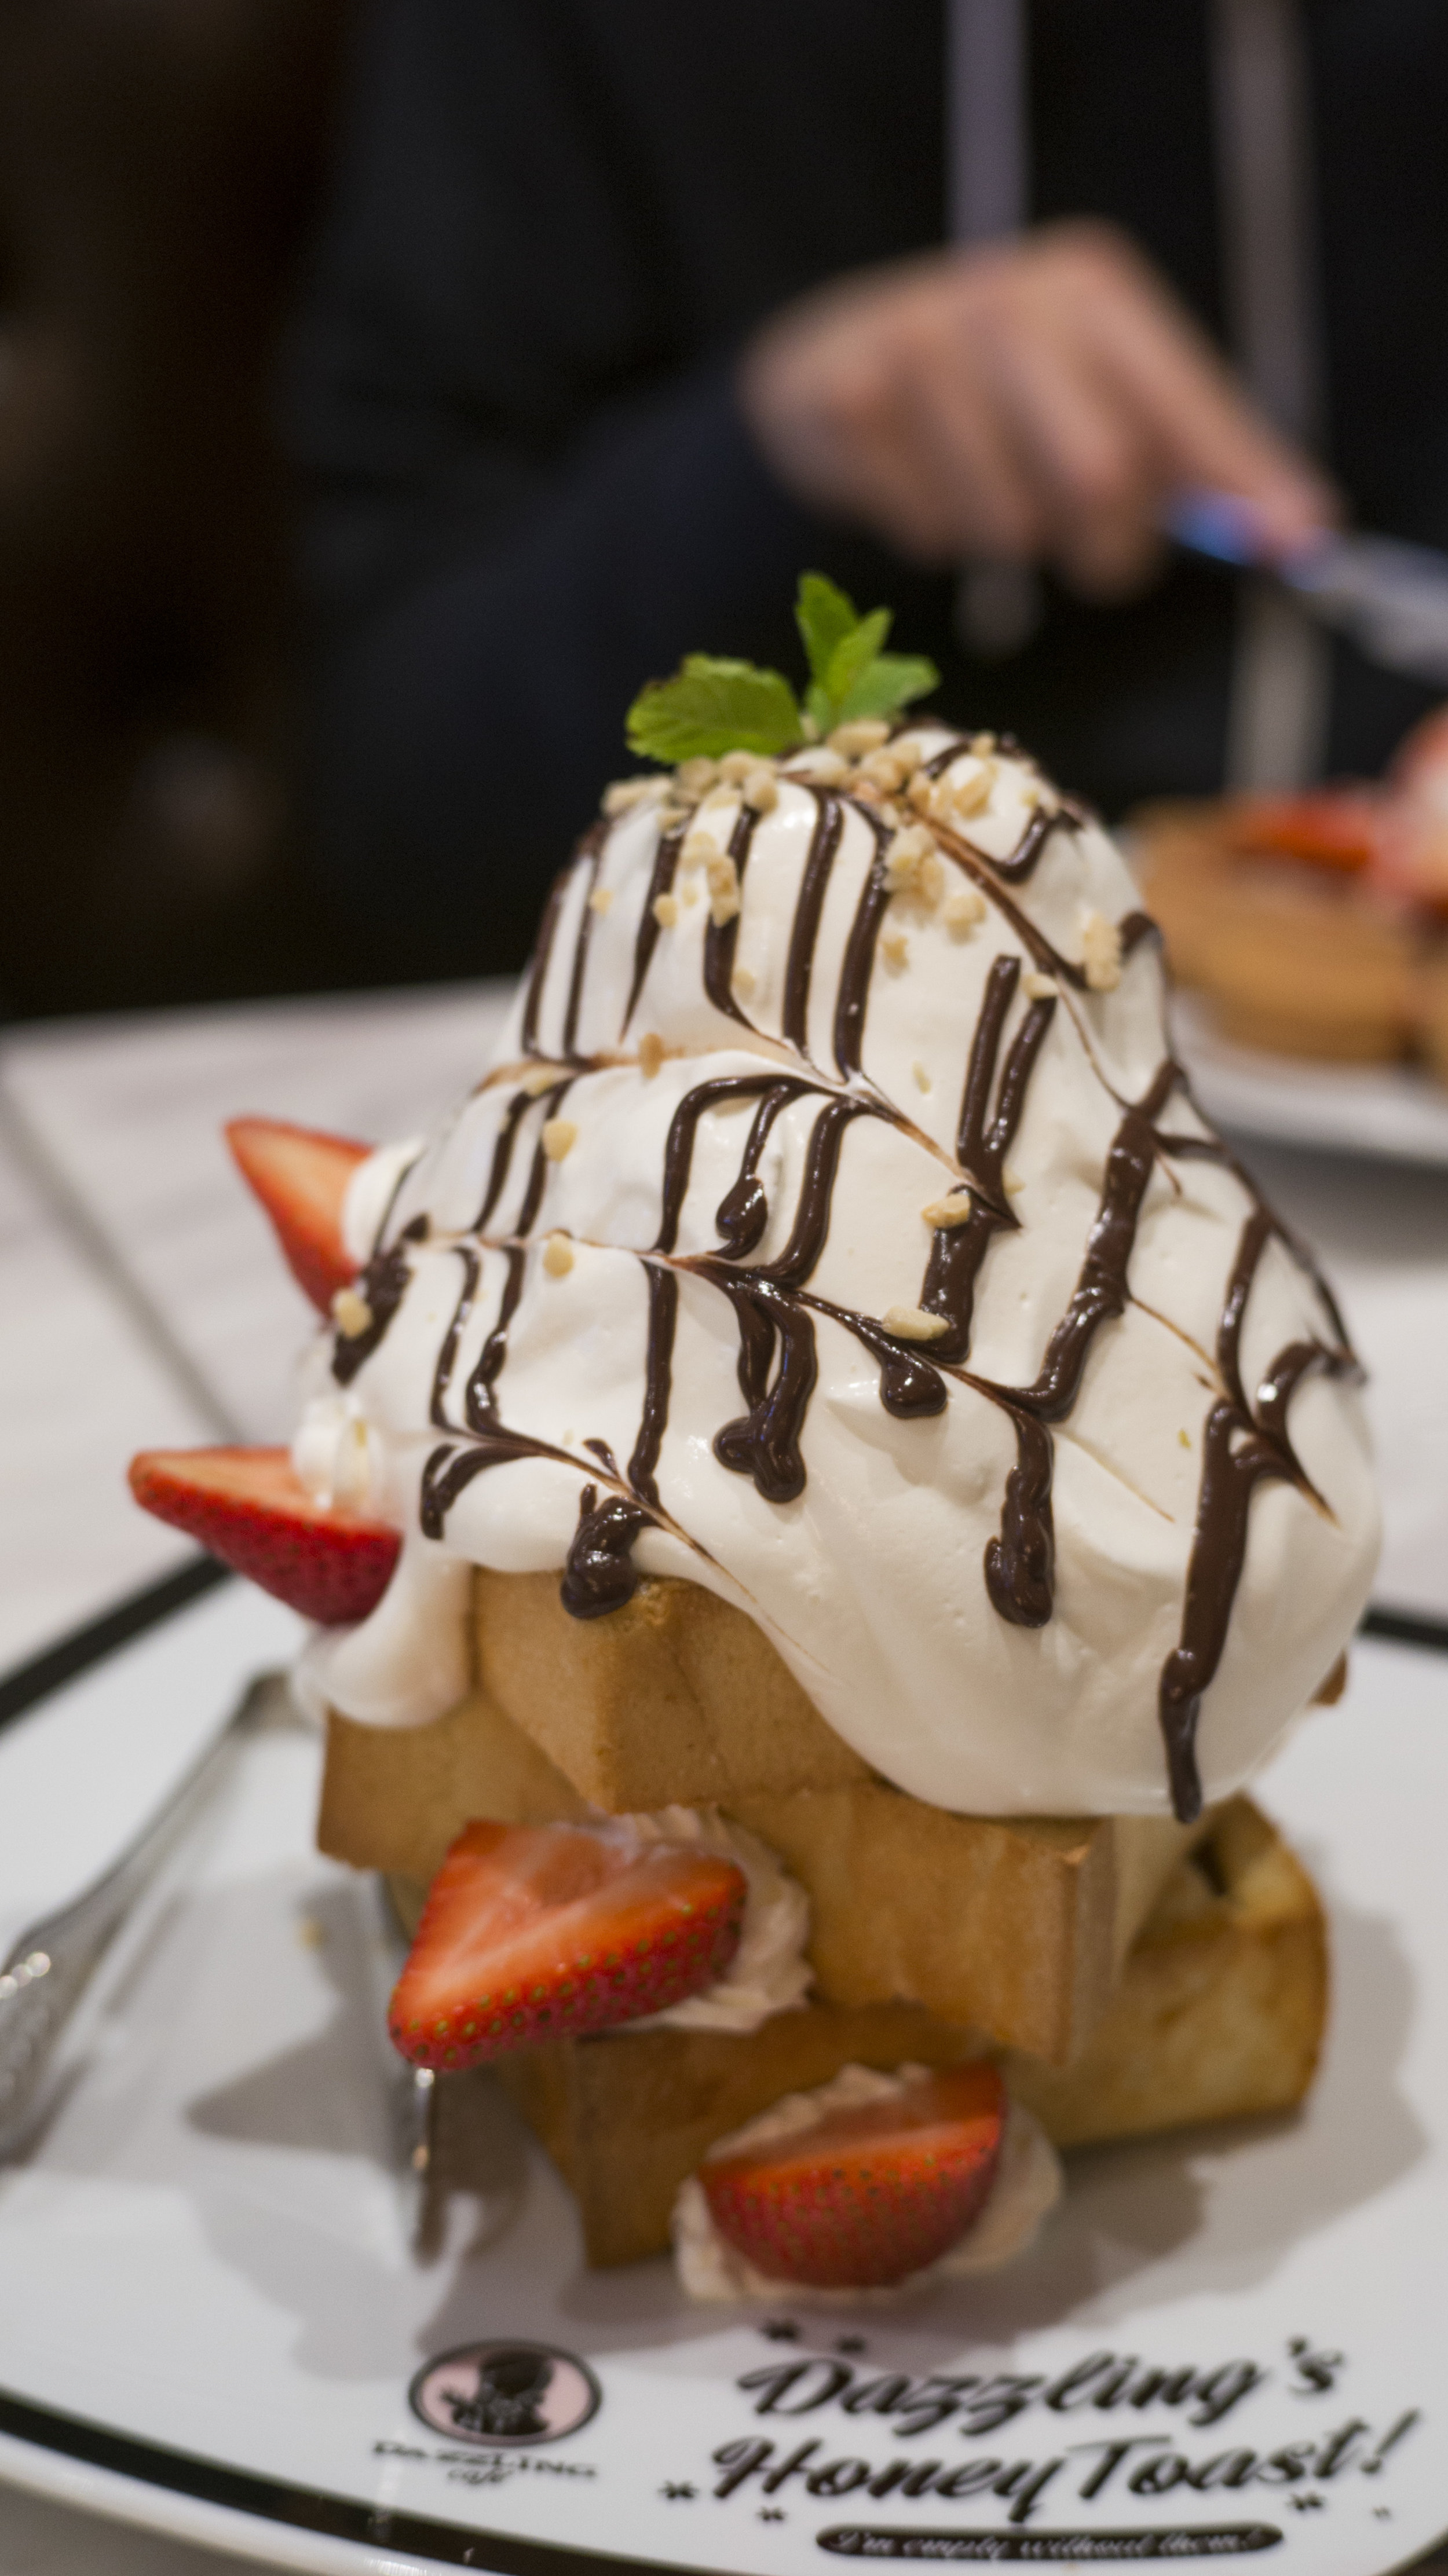 Hazelnut Chocolate Honey Toast | $14